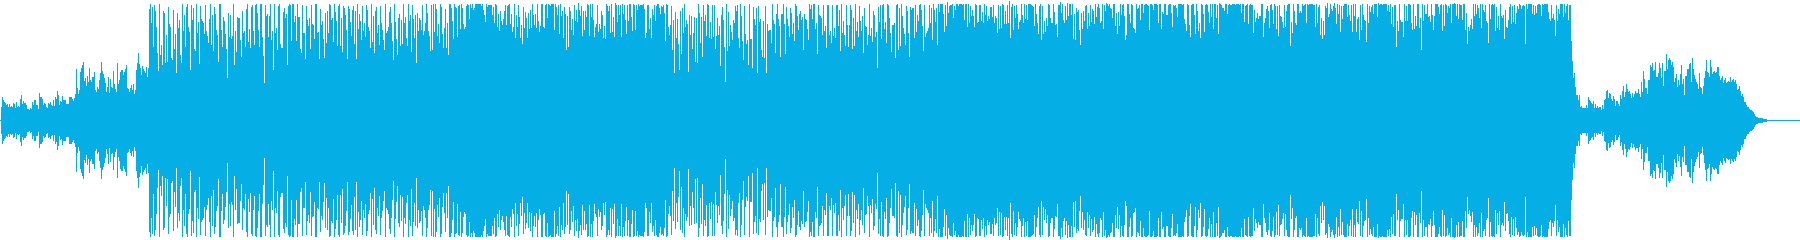 軽快でキラキラ、バイオリンの企業応援楽曲の再生済みの波形